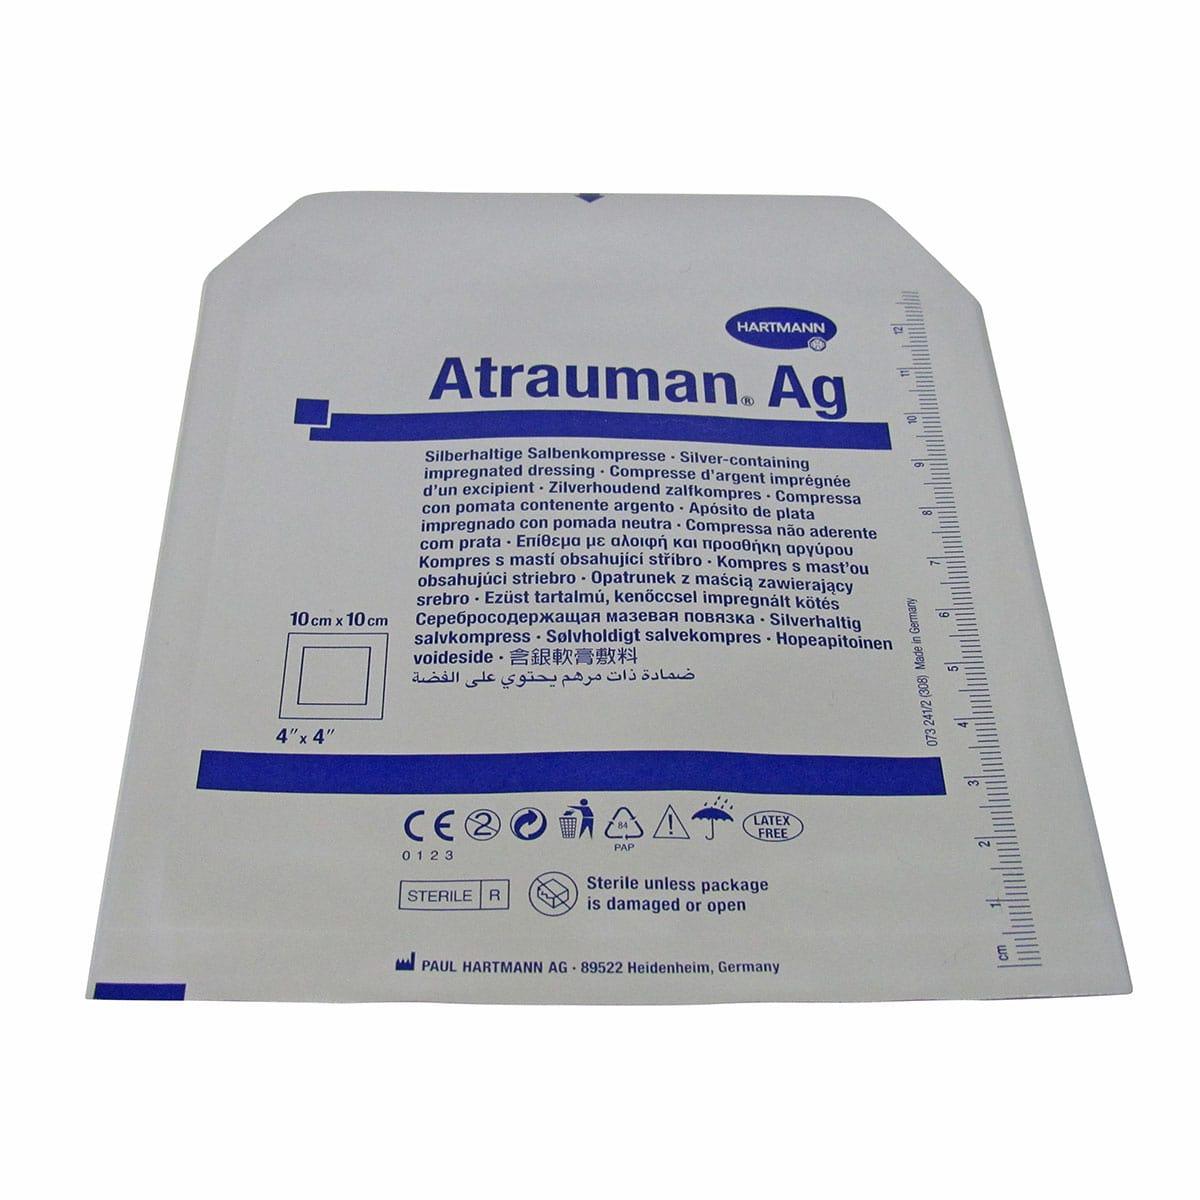 Atrauman Ag Compressa não Aderente 10x10cm Hartmann Kit 2 un